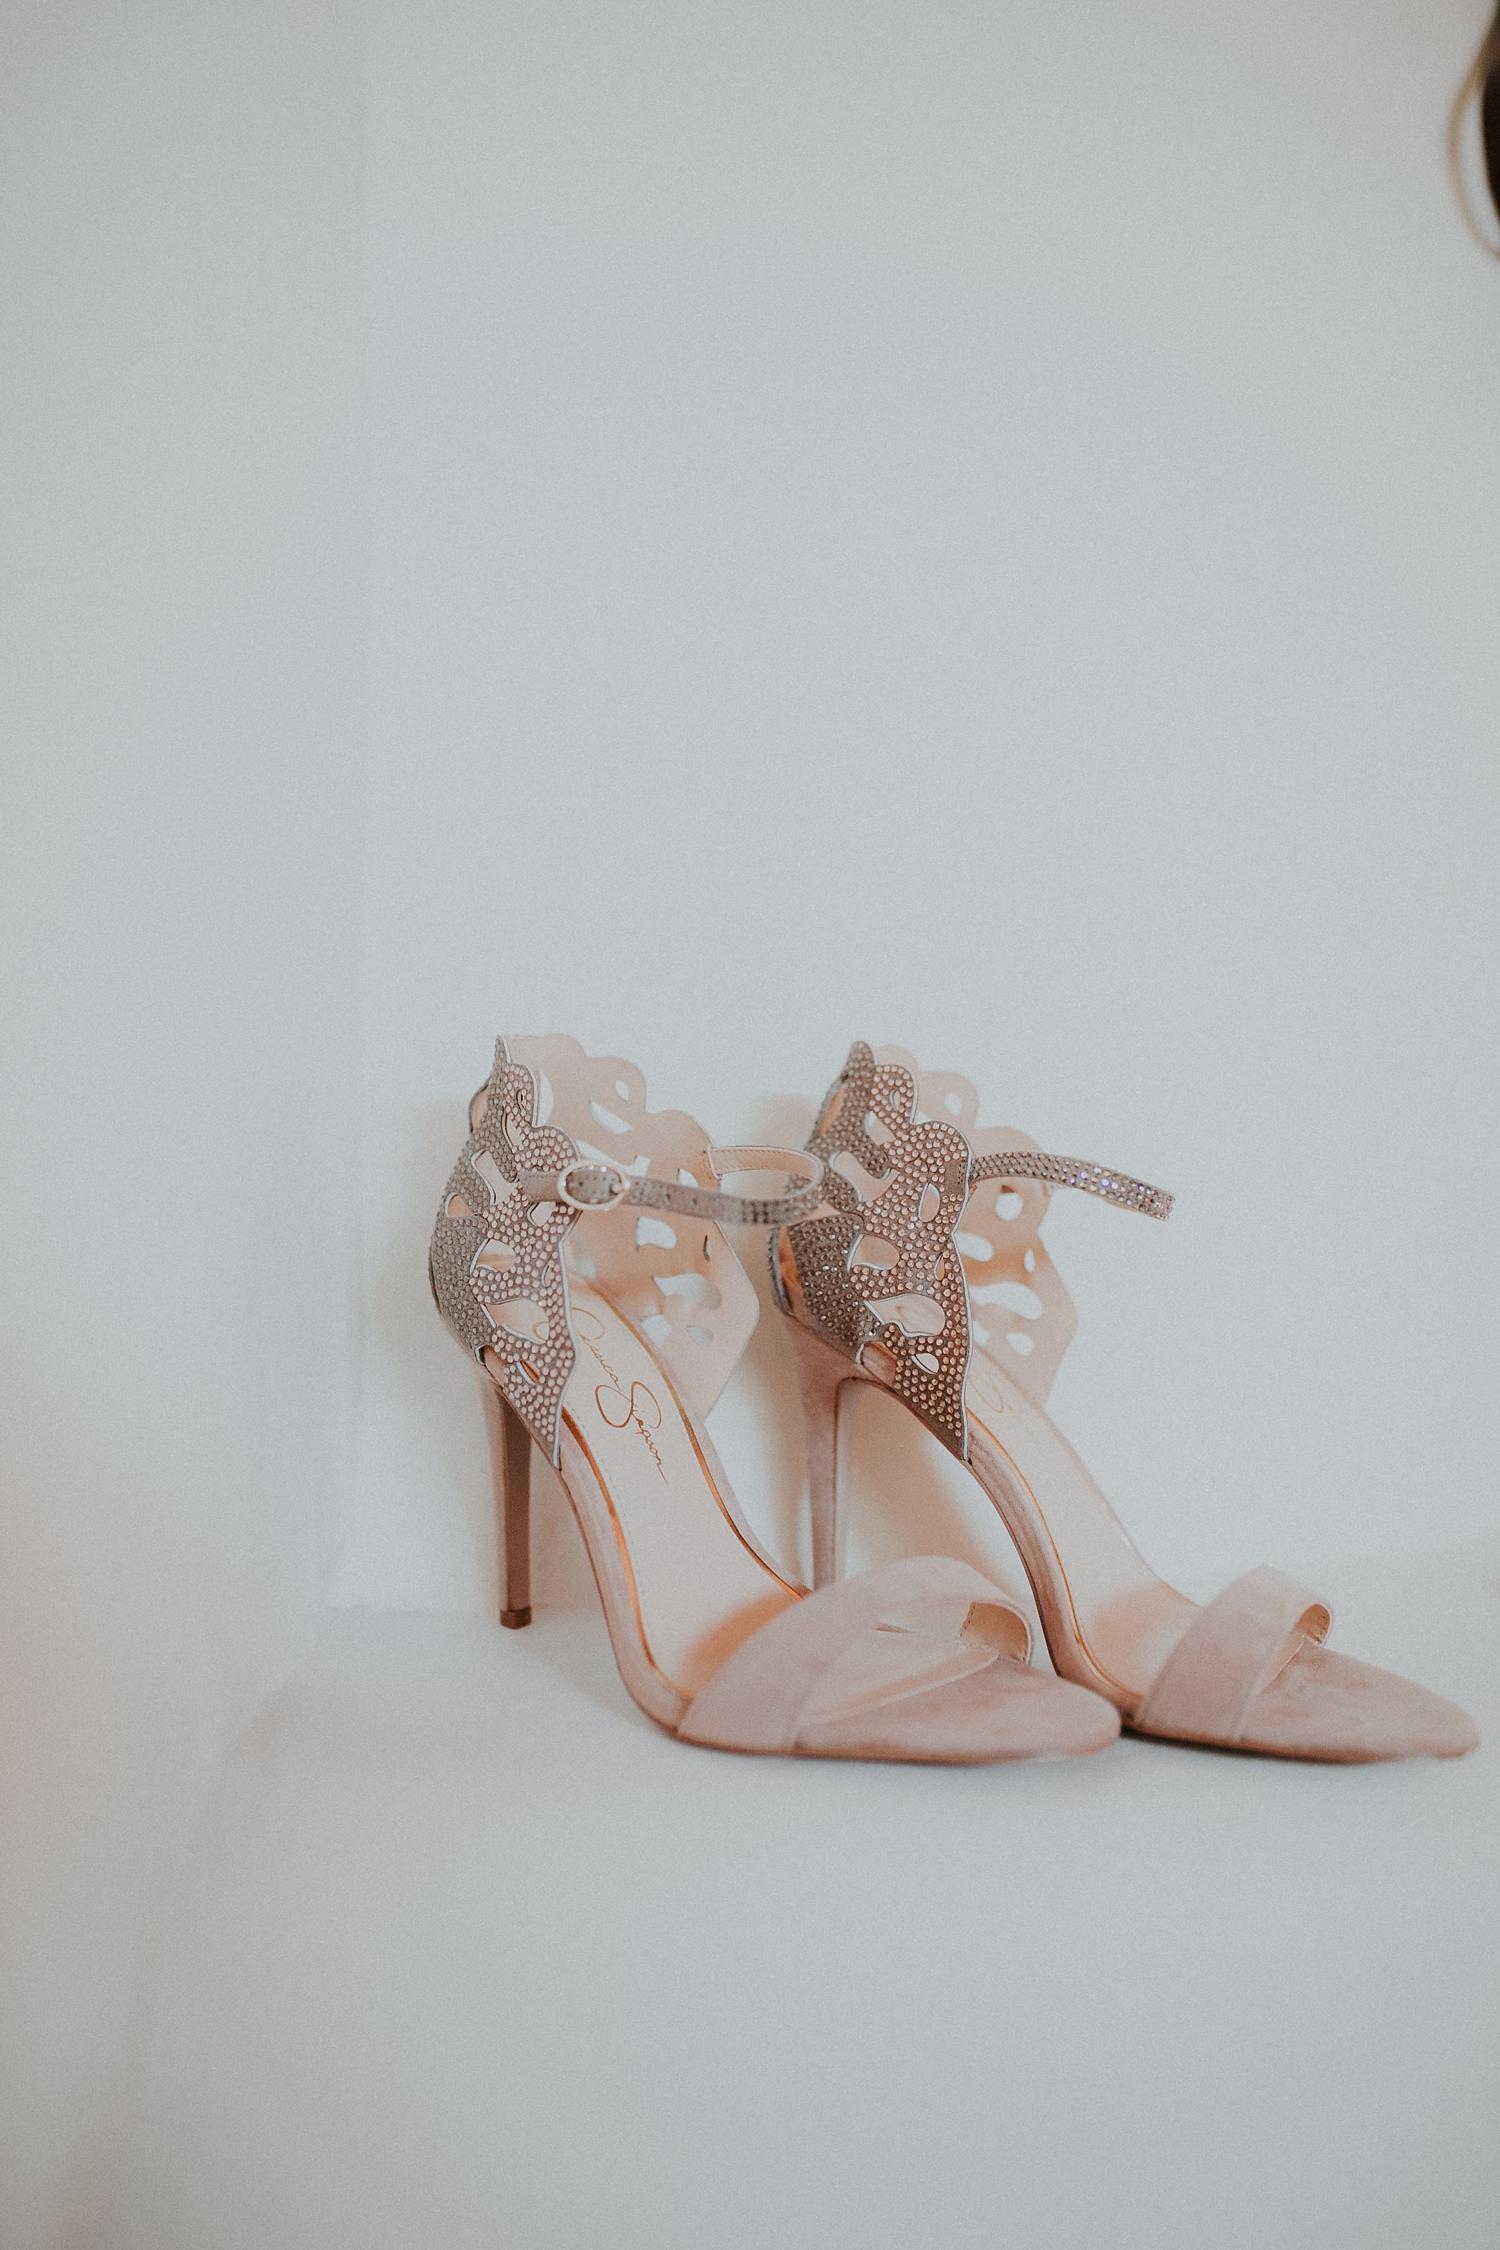 Alicia+lucia+photography+-+albuquerque+wedding+photographer+-+santa+fe+wedding+photography+-+new+mexico+wedding+photographer+-+wedding+bridal+shoe+-+wedding+style+edit_0017.jpg